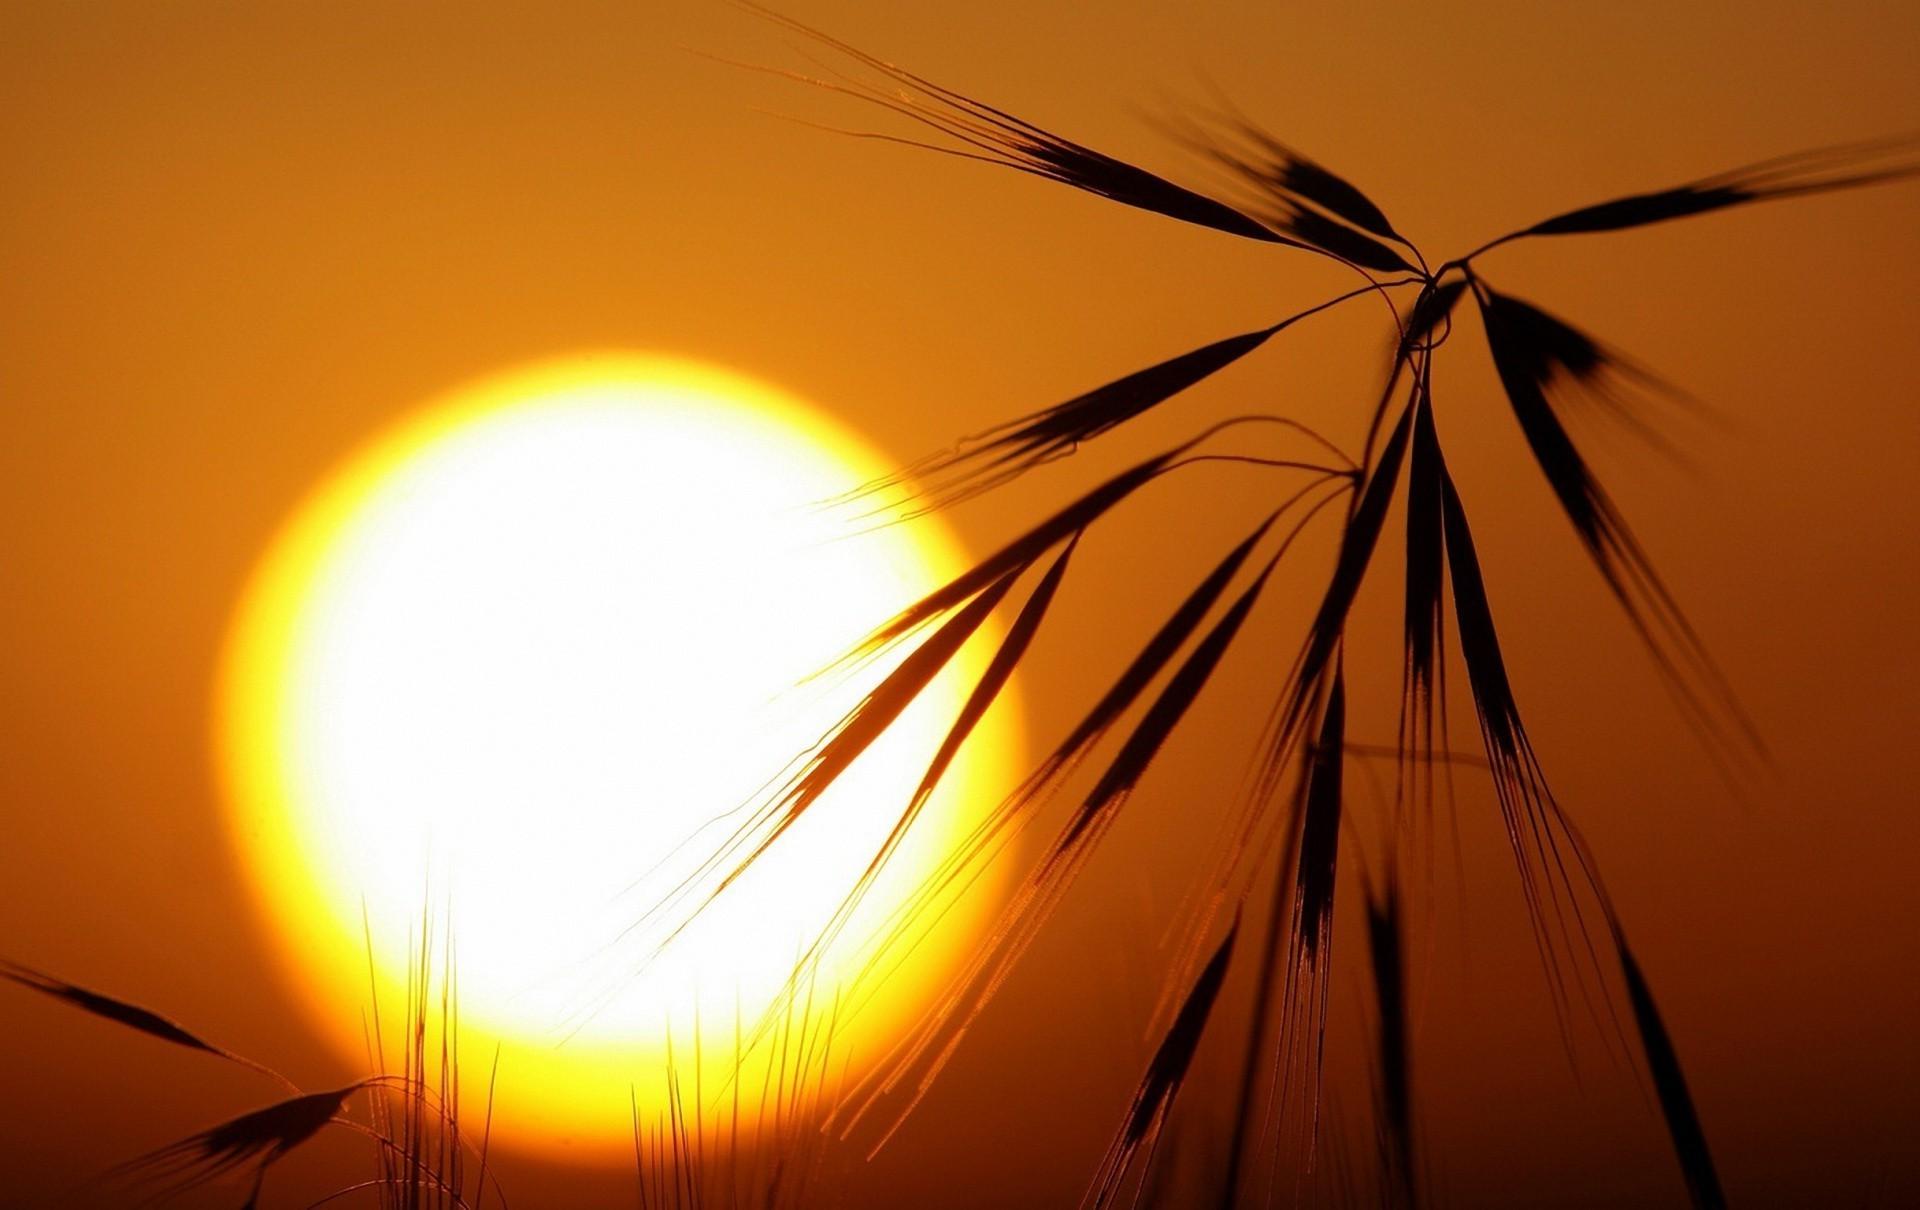 картинки восходящее солнце с лучами удочки